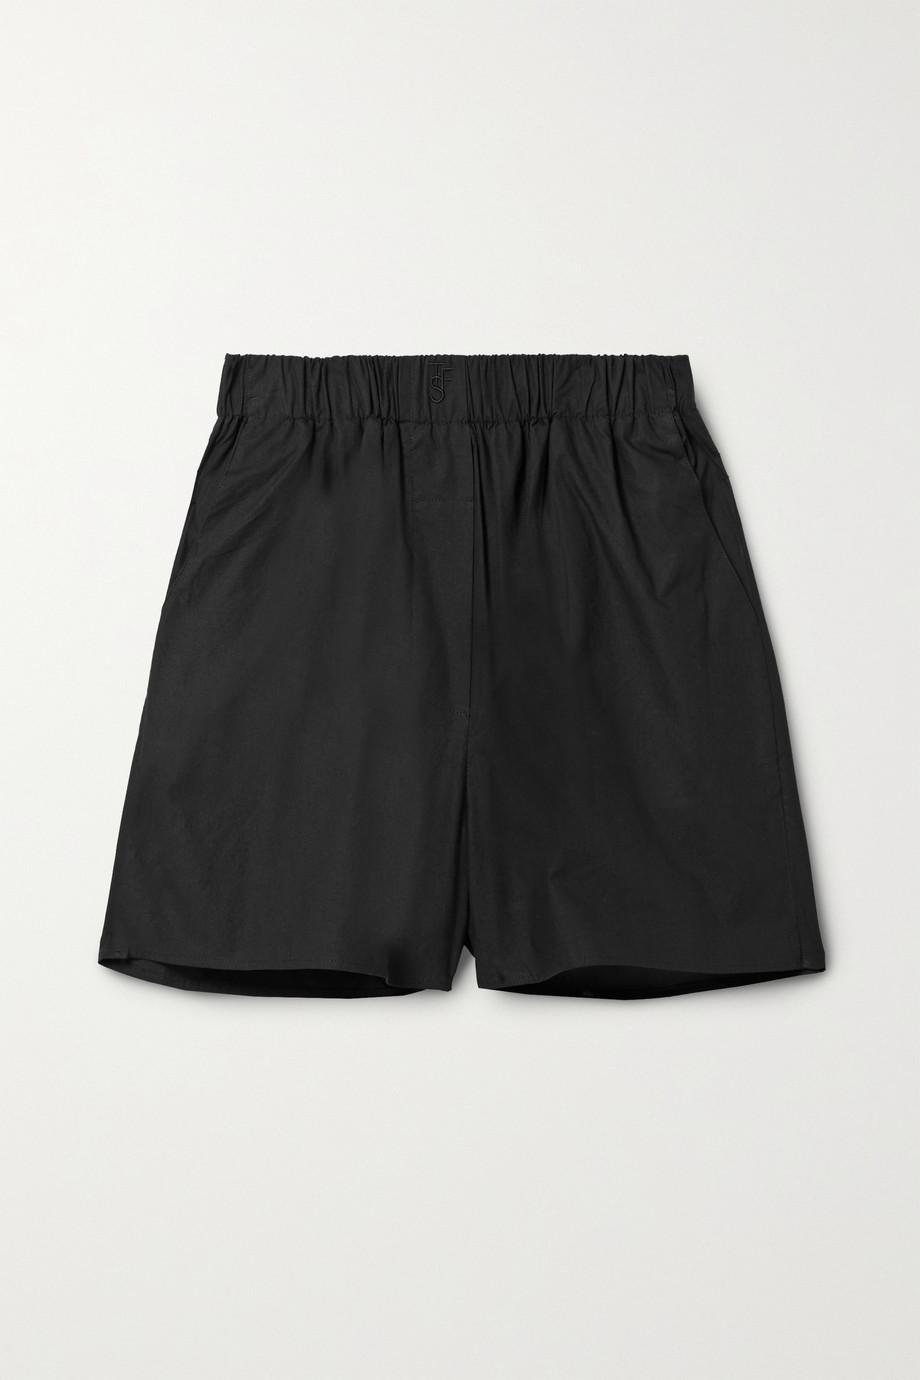 Frankie Shop Lui Shorts aus Biobaumwollpopeline